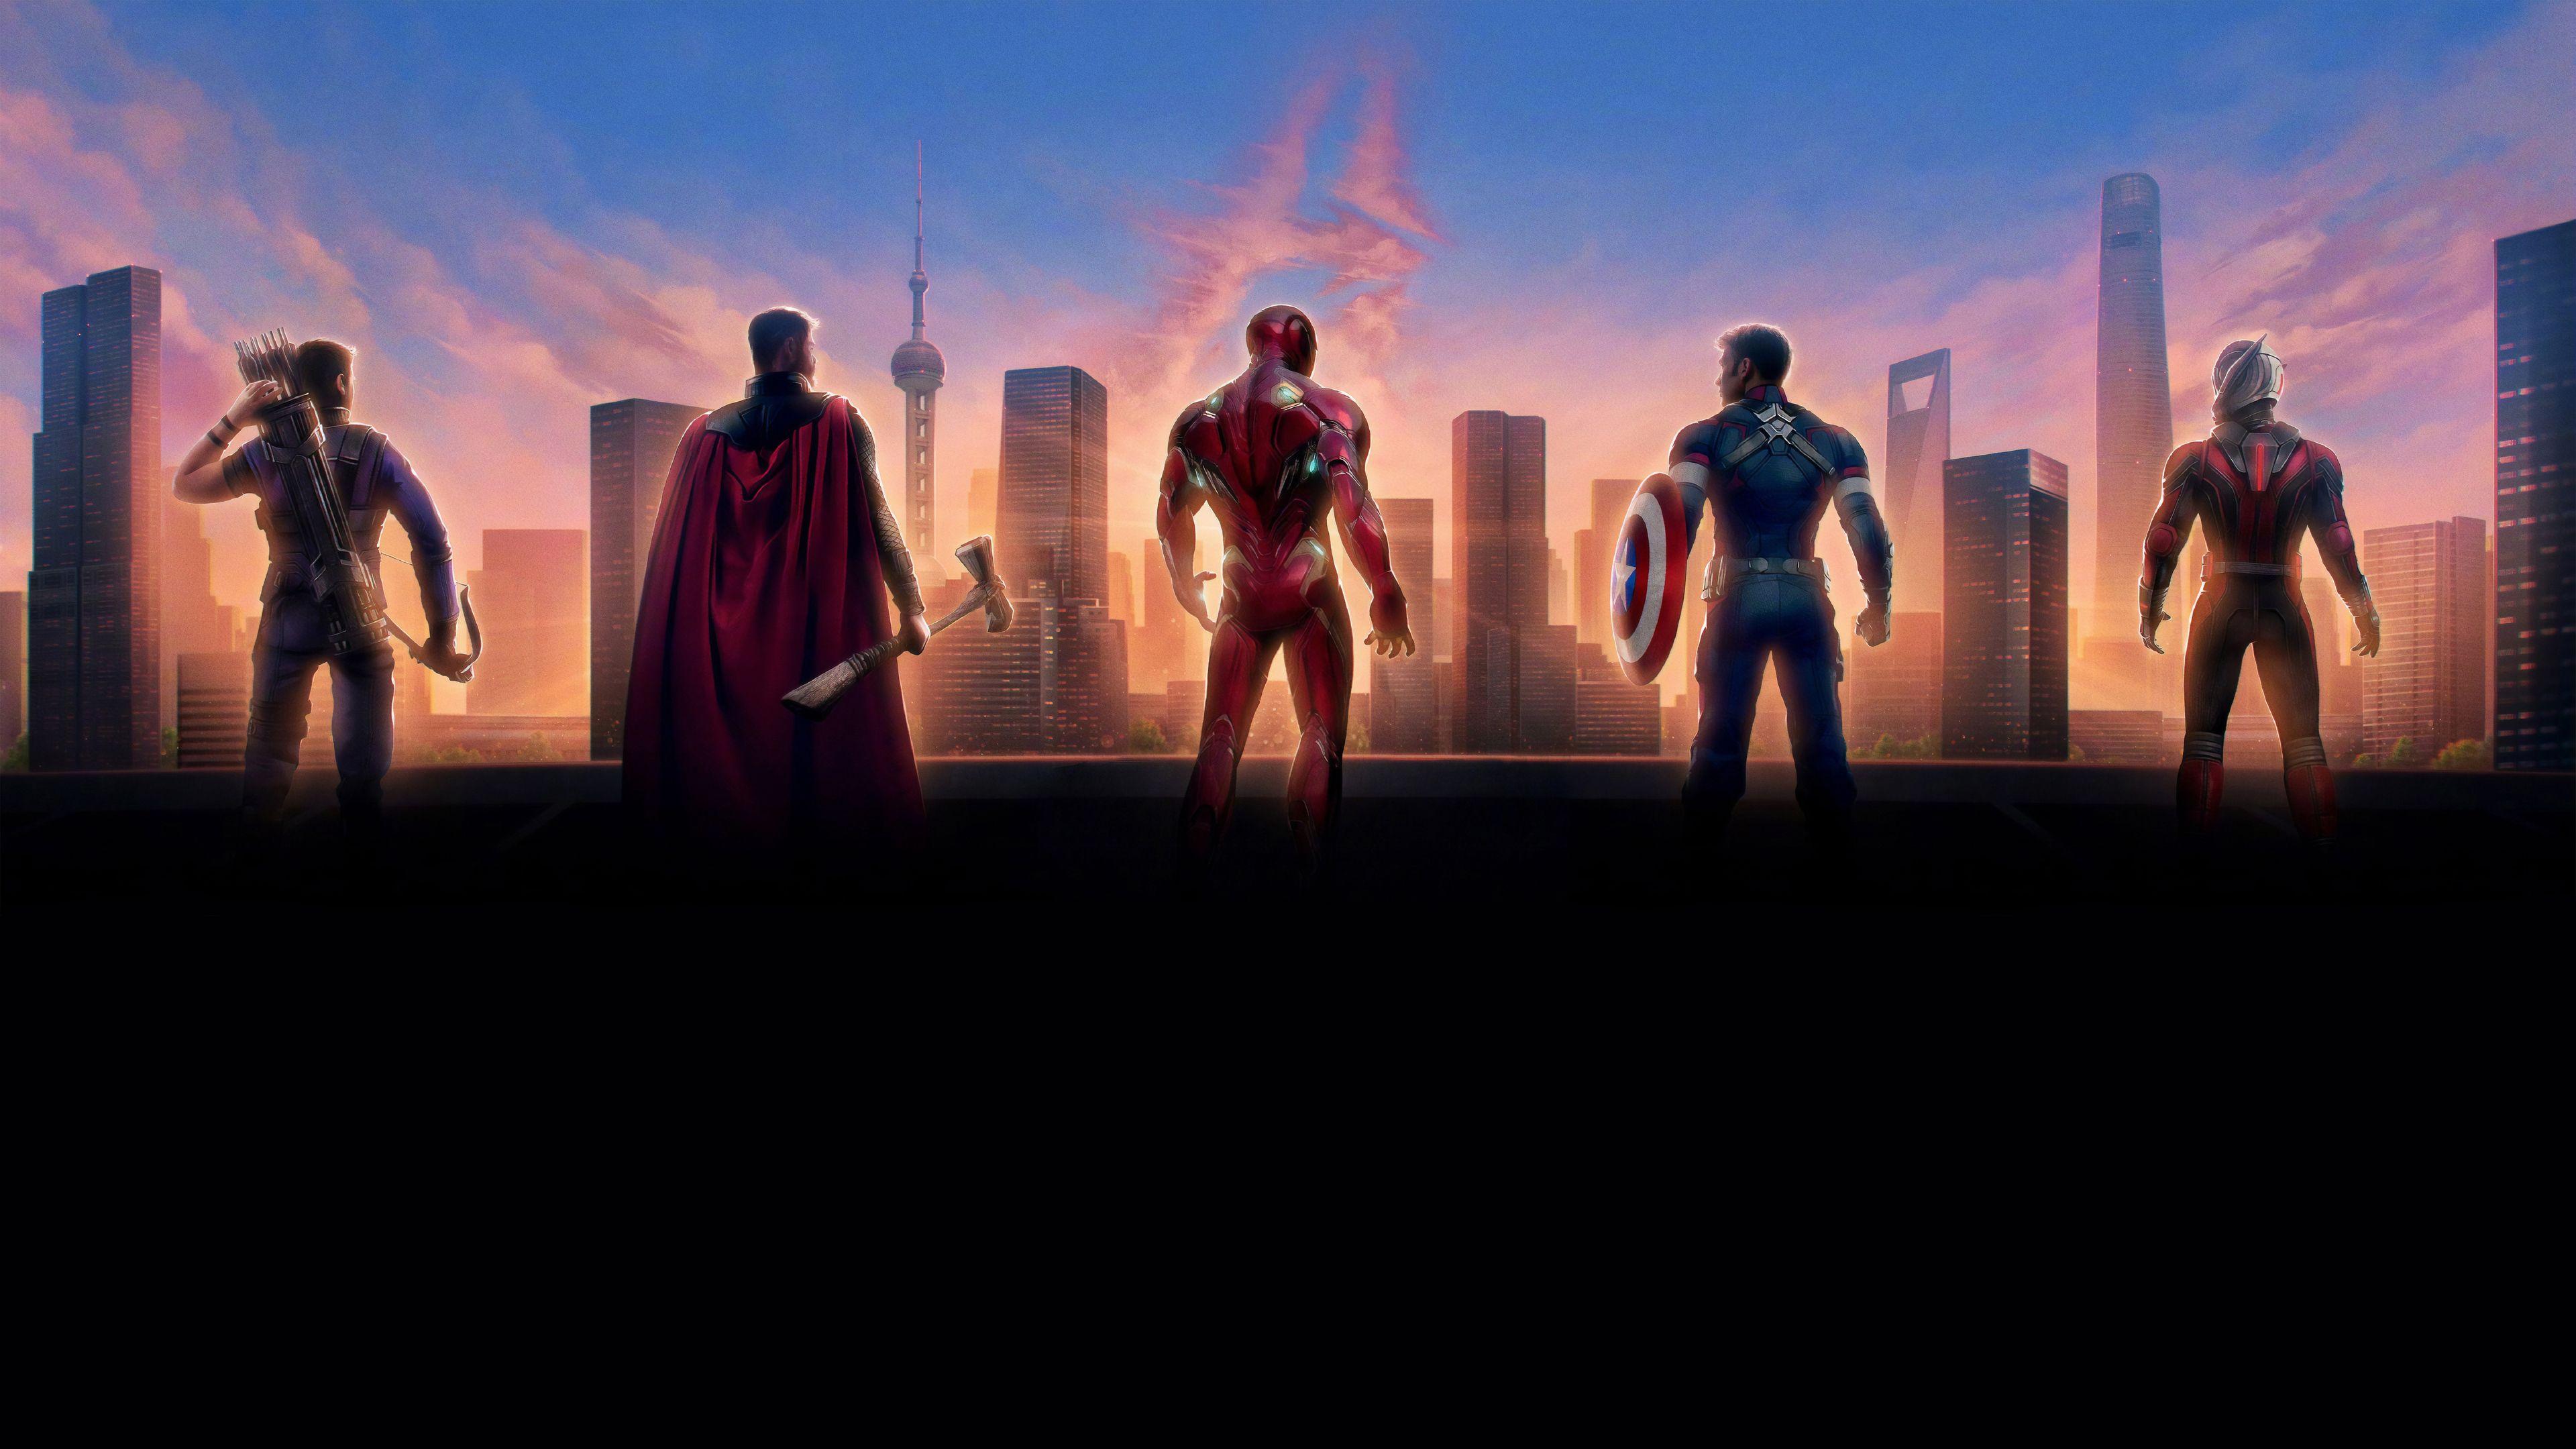 Avengers Endgame 4k Chinese Poster Thor Wallpapers Poster Wallpapers Movies Wallpapers Iron Man Wallpapers Hd Wal Movies Captain America Wallpaper Avengers